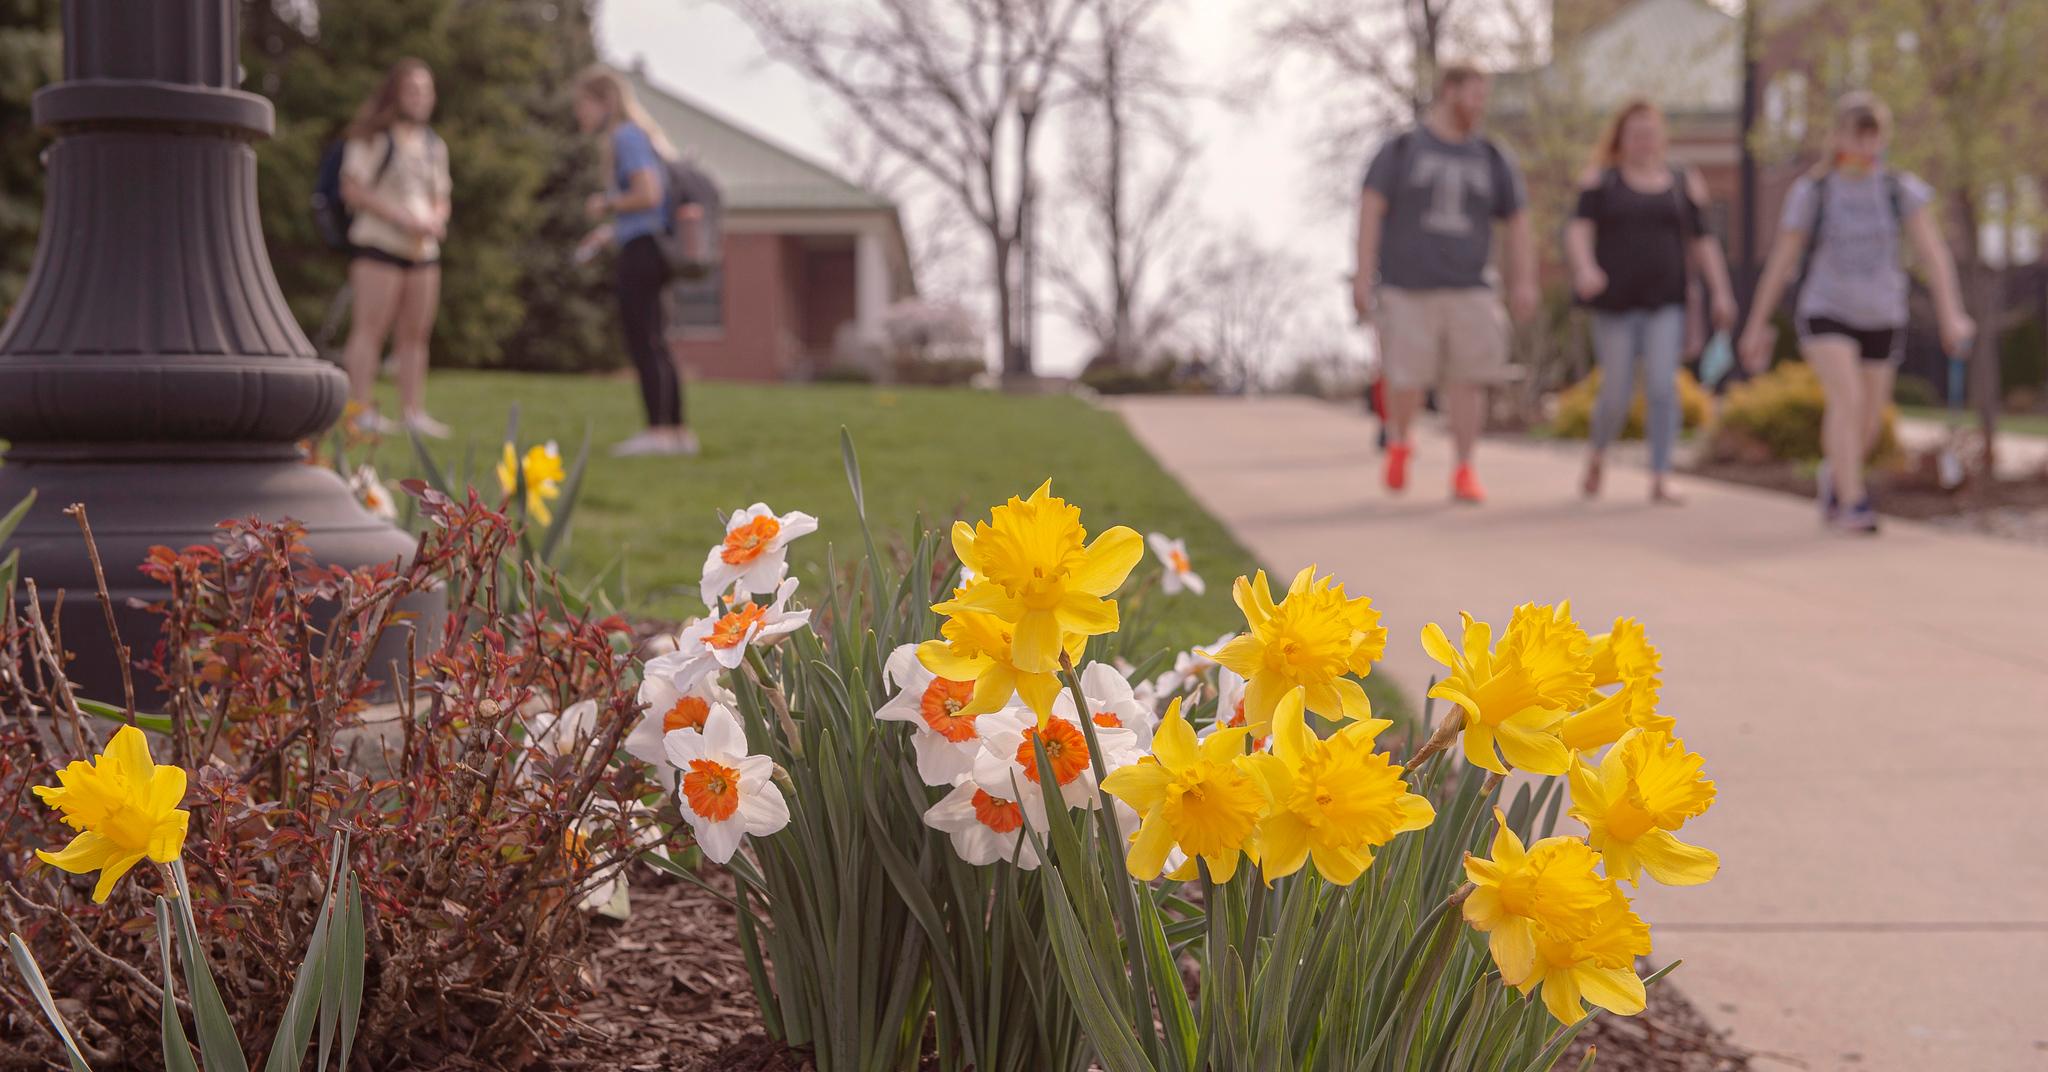 spring_flowers_UC_walkway_ND4_2314.jpg